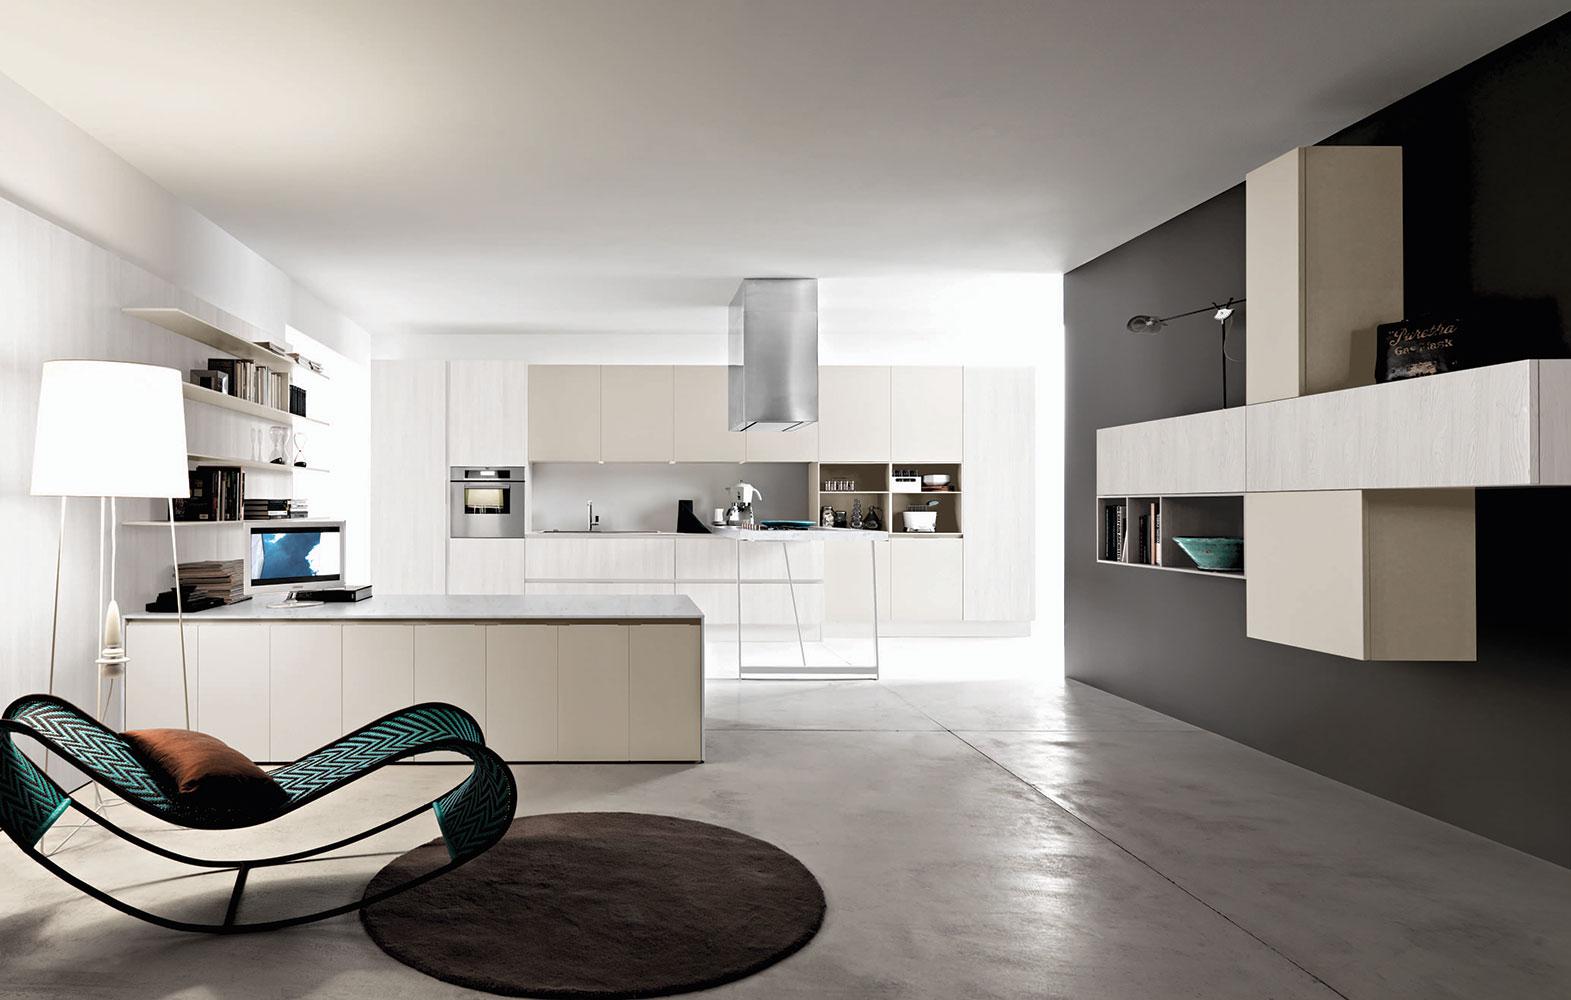 excoffier cuisine a lyon decouvrez nos gammes de cuisine sur mesure. Black Bedroom Furniture Sets. Home Design Ideas